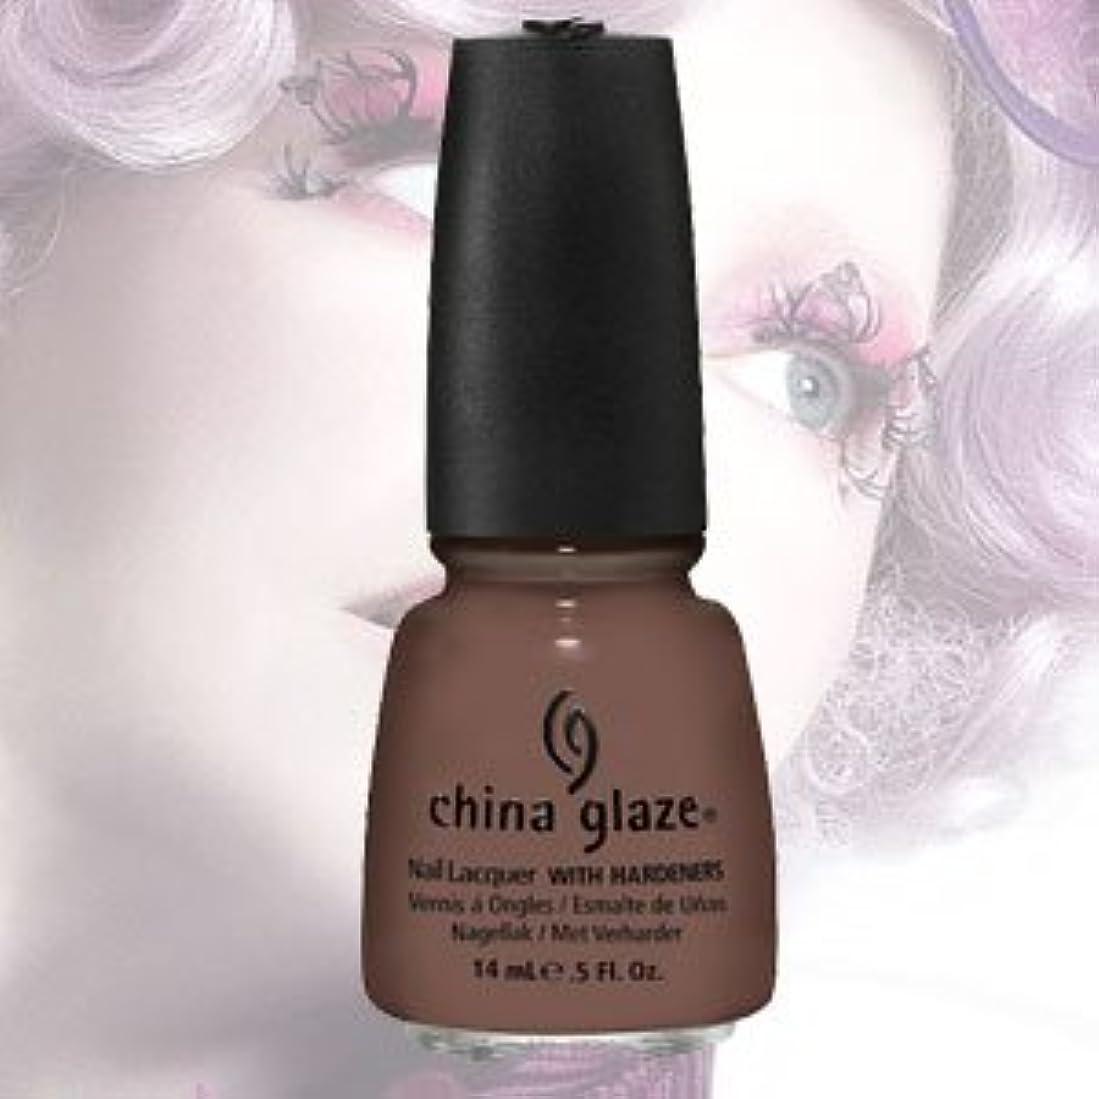 シリーズ生き残りアドバイス(チャイナグレイズ)China Glaze Foie GrasーCAPITOL COLOURS コレクション [海外直送品][並行輸入品]